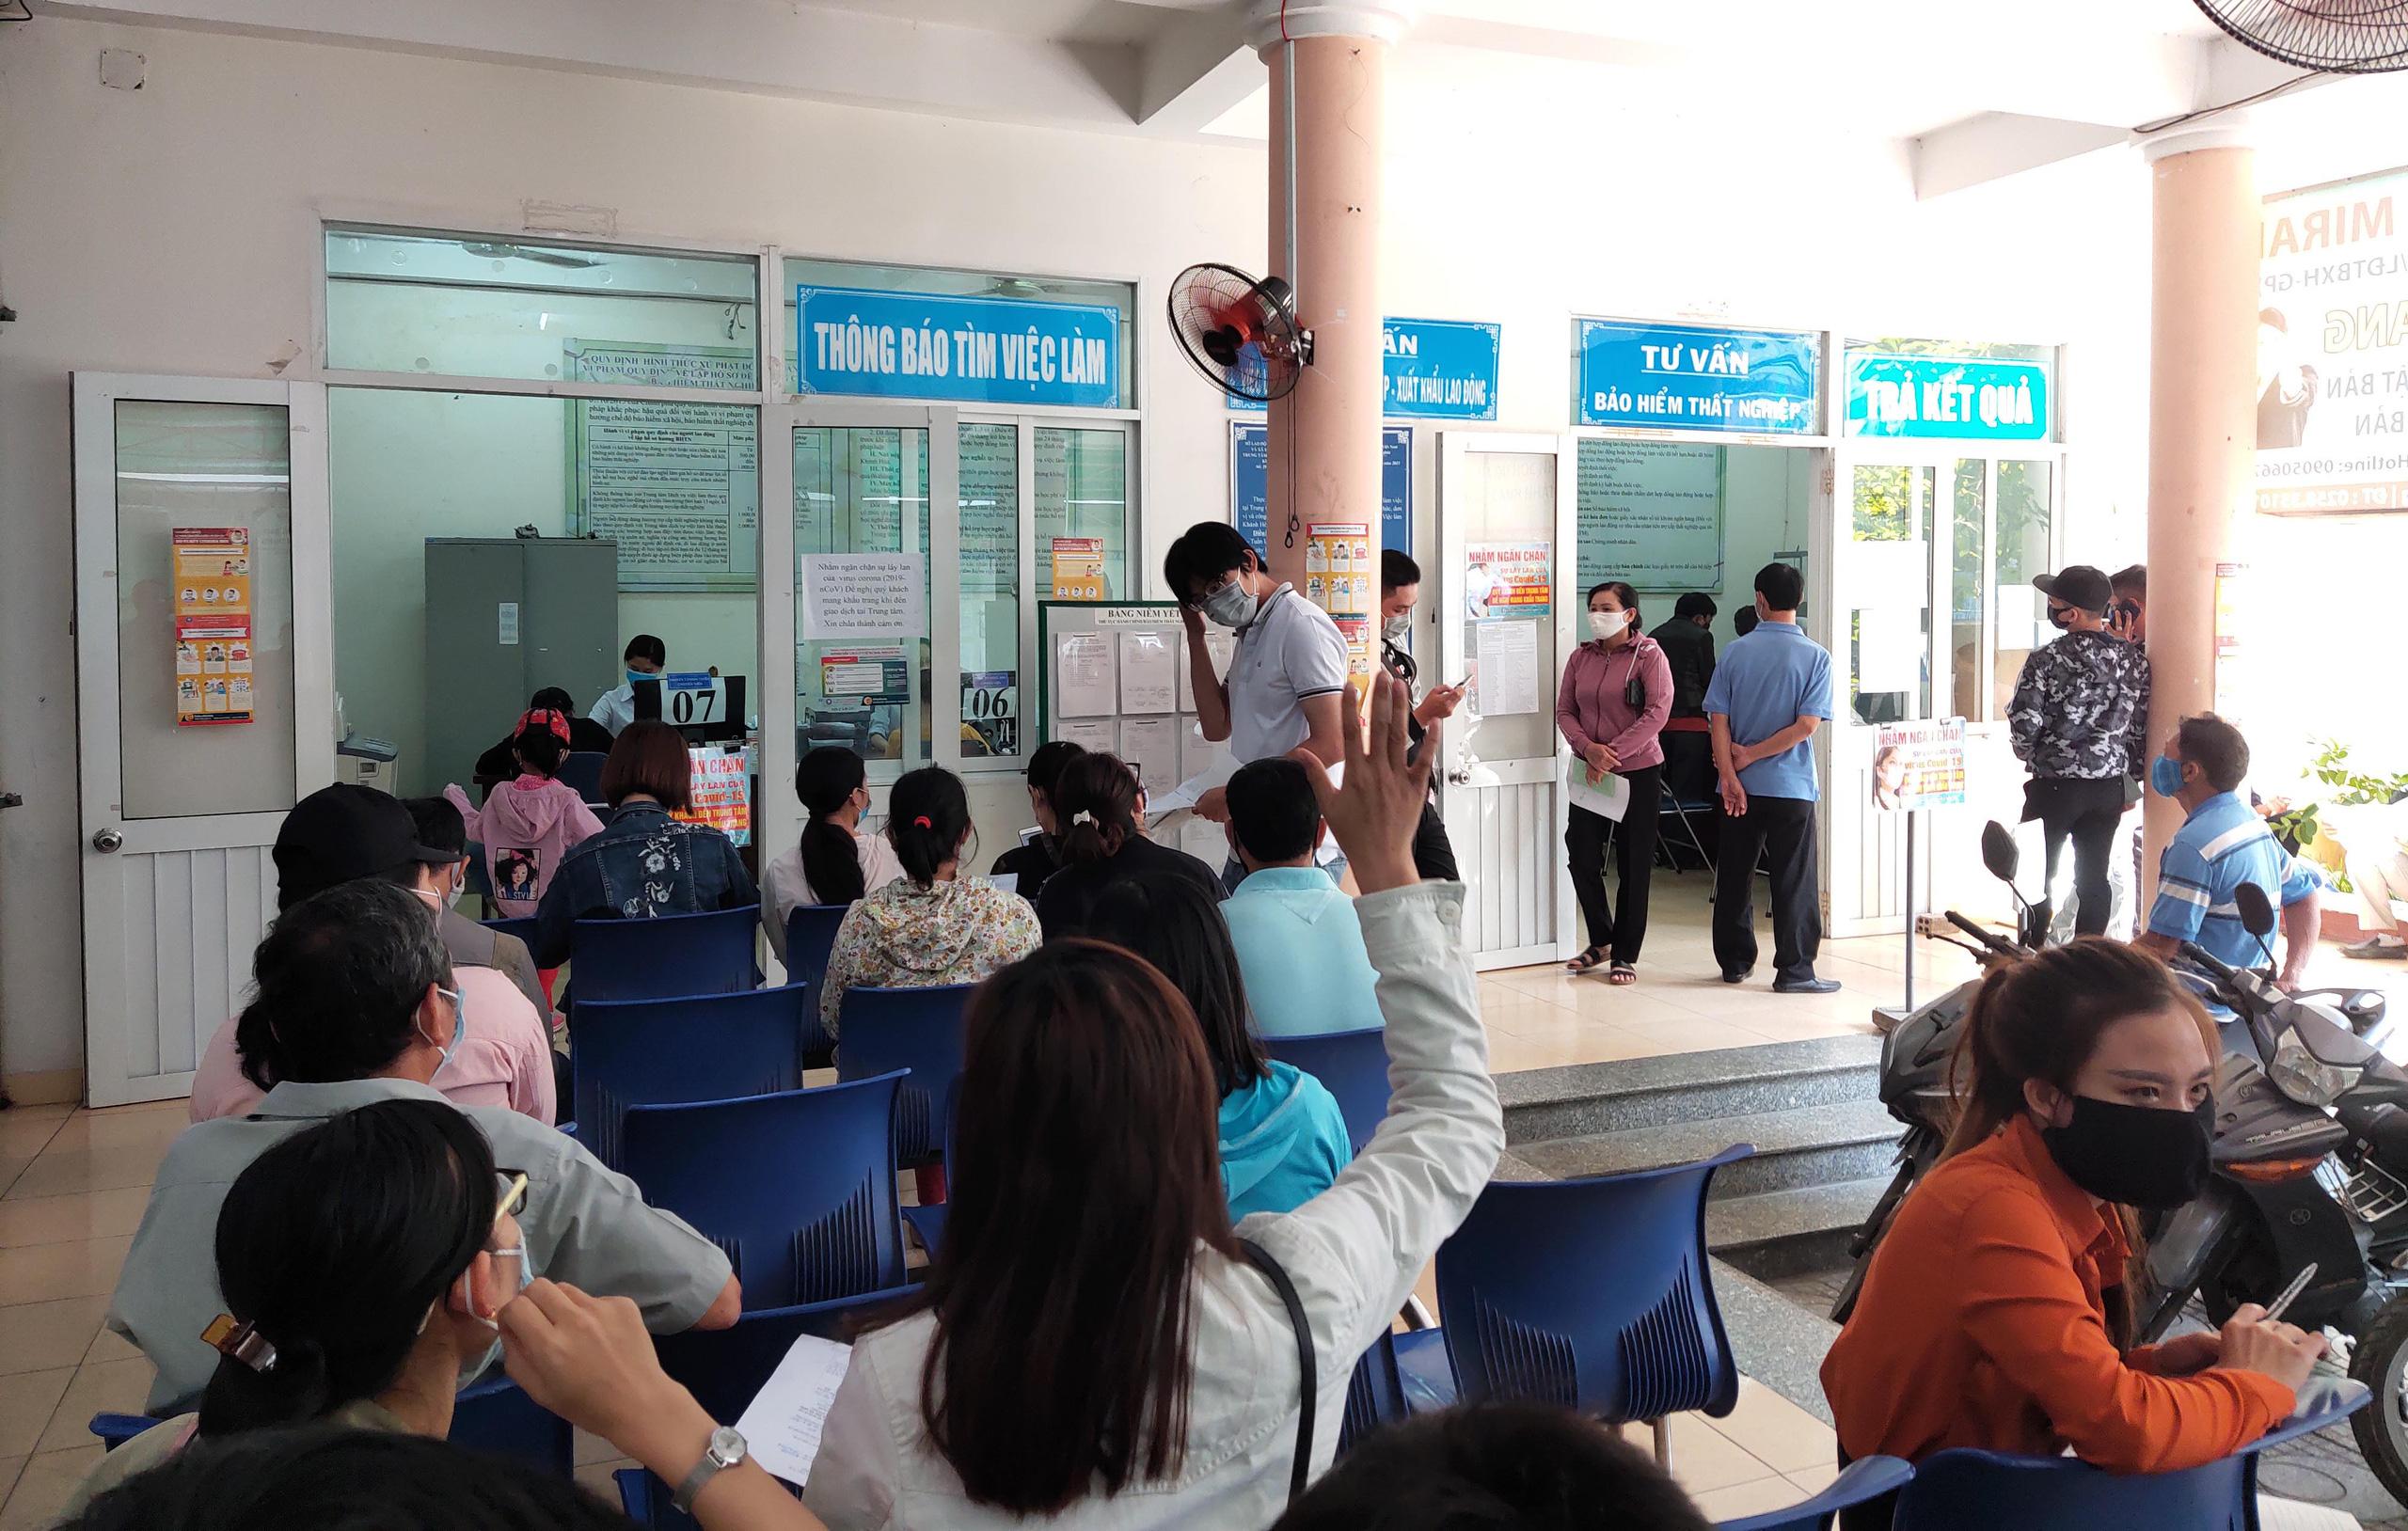 Khánh Hòa: Thưởng Tết cao nhất 200 triệu đồng, thấp nhất 500.000 đồng - Ảnh 1.